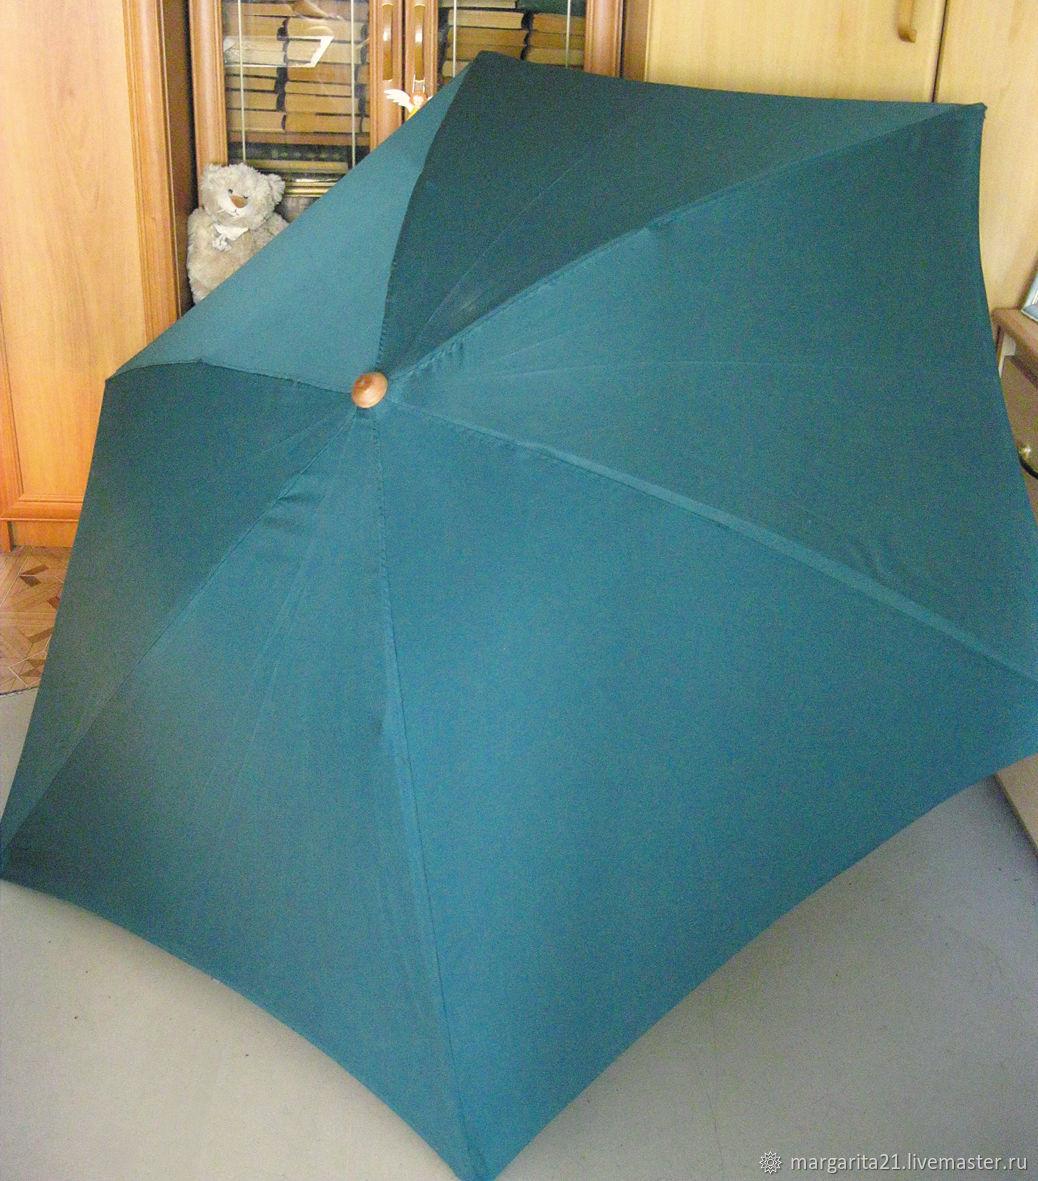 Зонты ручной работы. Ярмарка Мастеров - ручная работа. Купить Большой дачный (пляжный) зонт. Handmade. Купить зонт